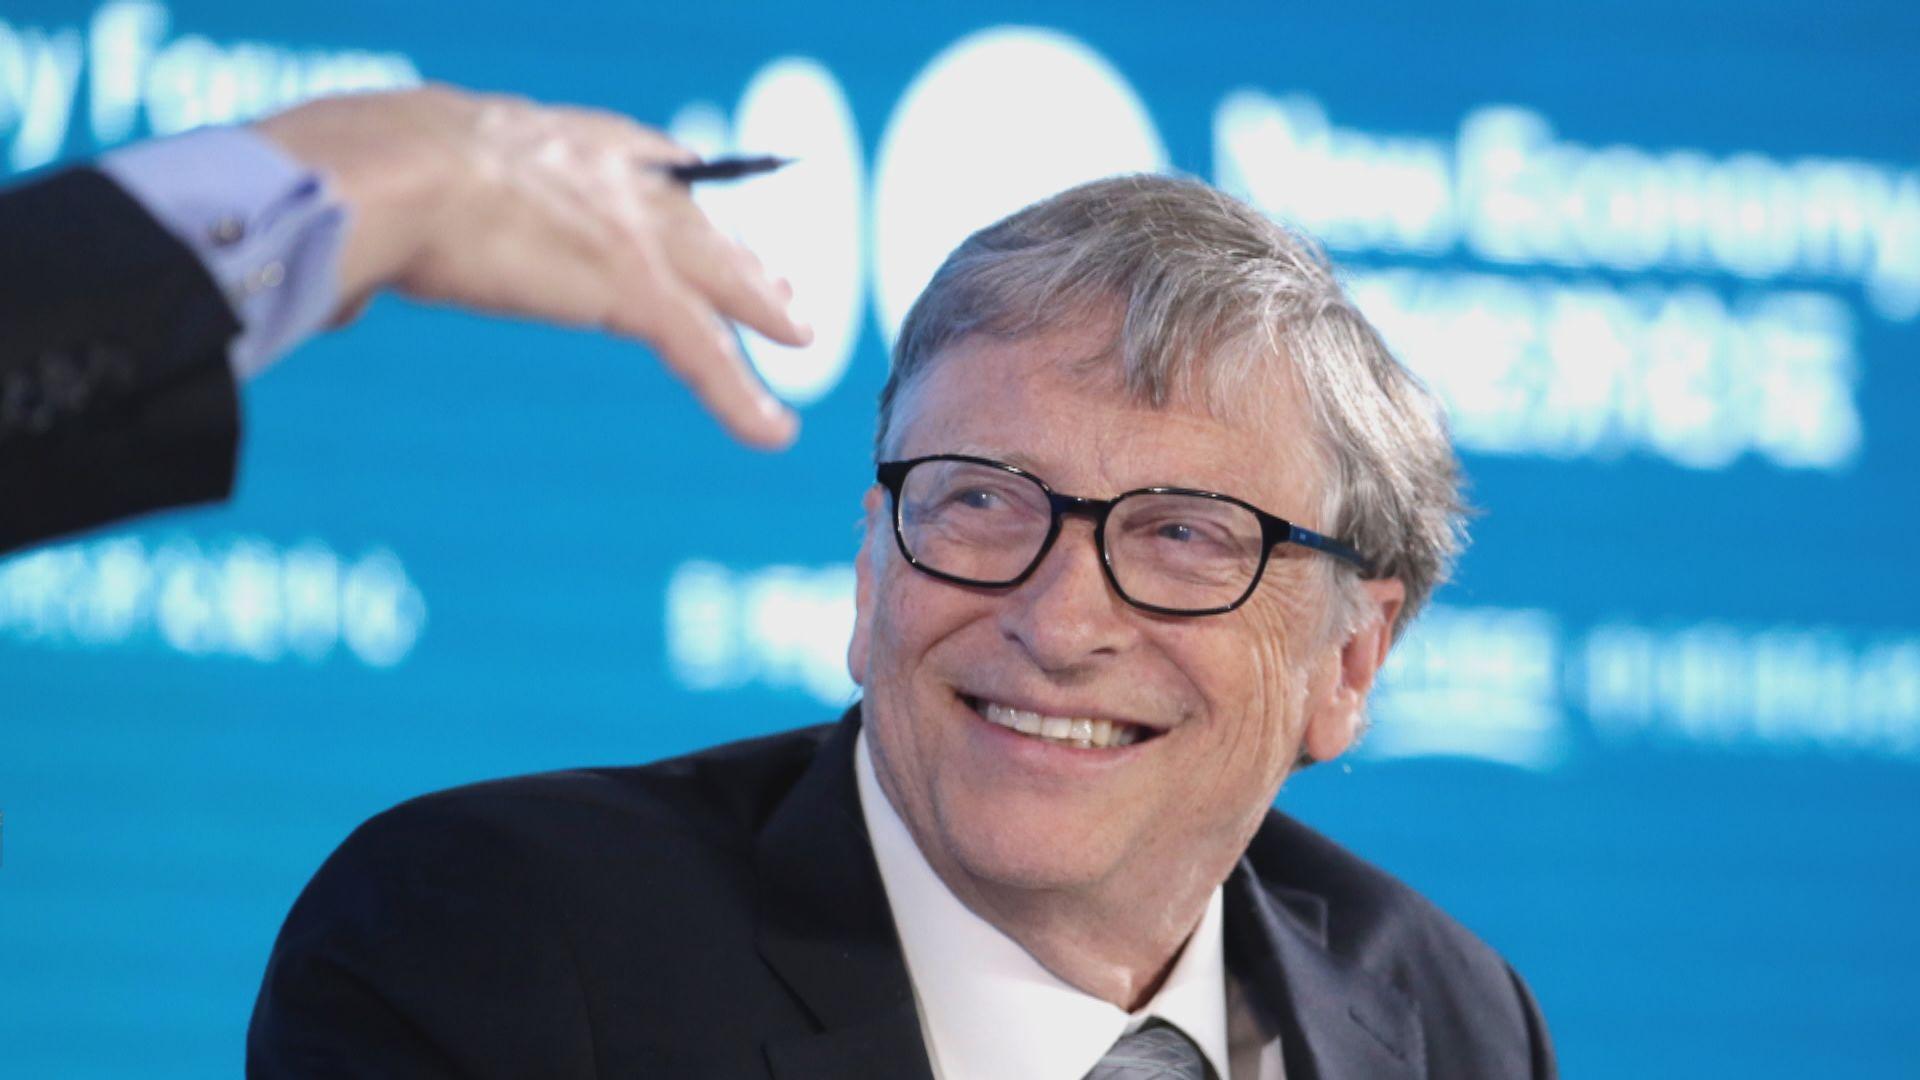 蓋茨:若果不是全球首富 投資比特幣就要小心